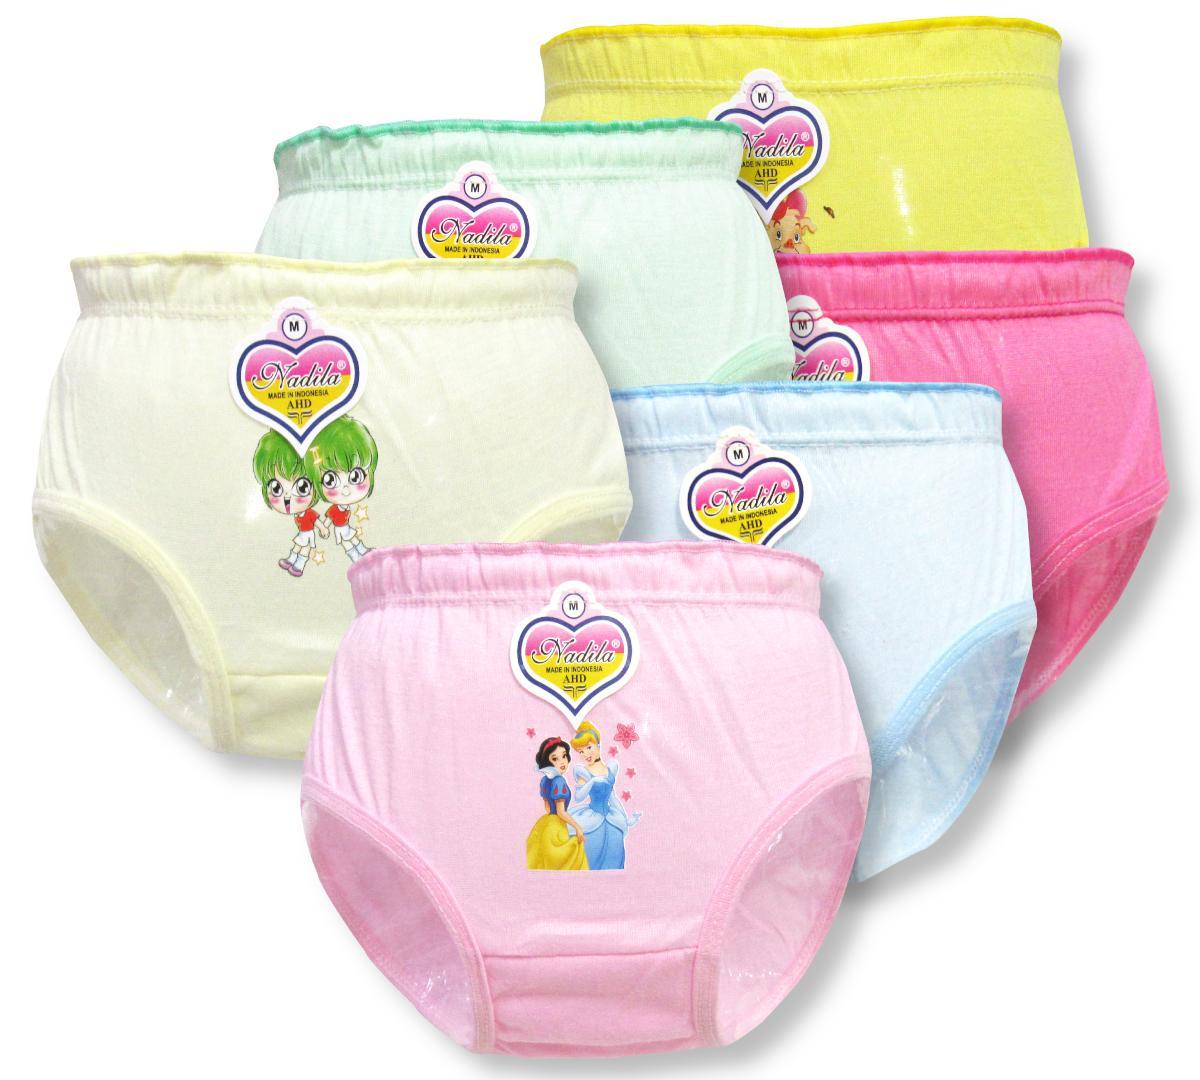 Wulanda 6 pcs cd celana dalam anak perempuan murah warna 093e1ea7b7